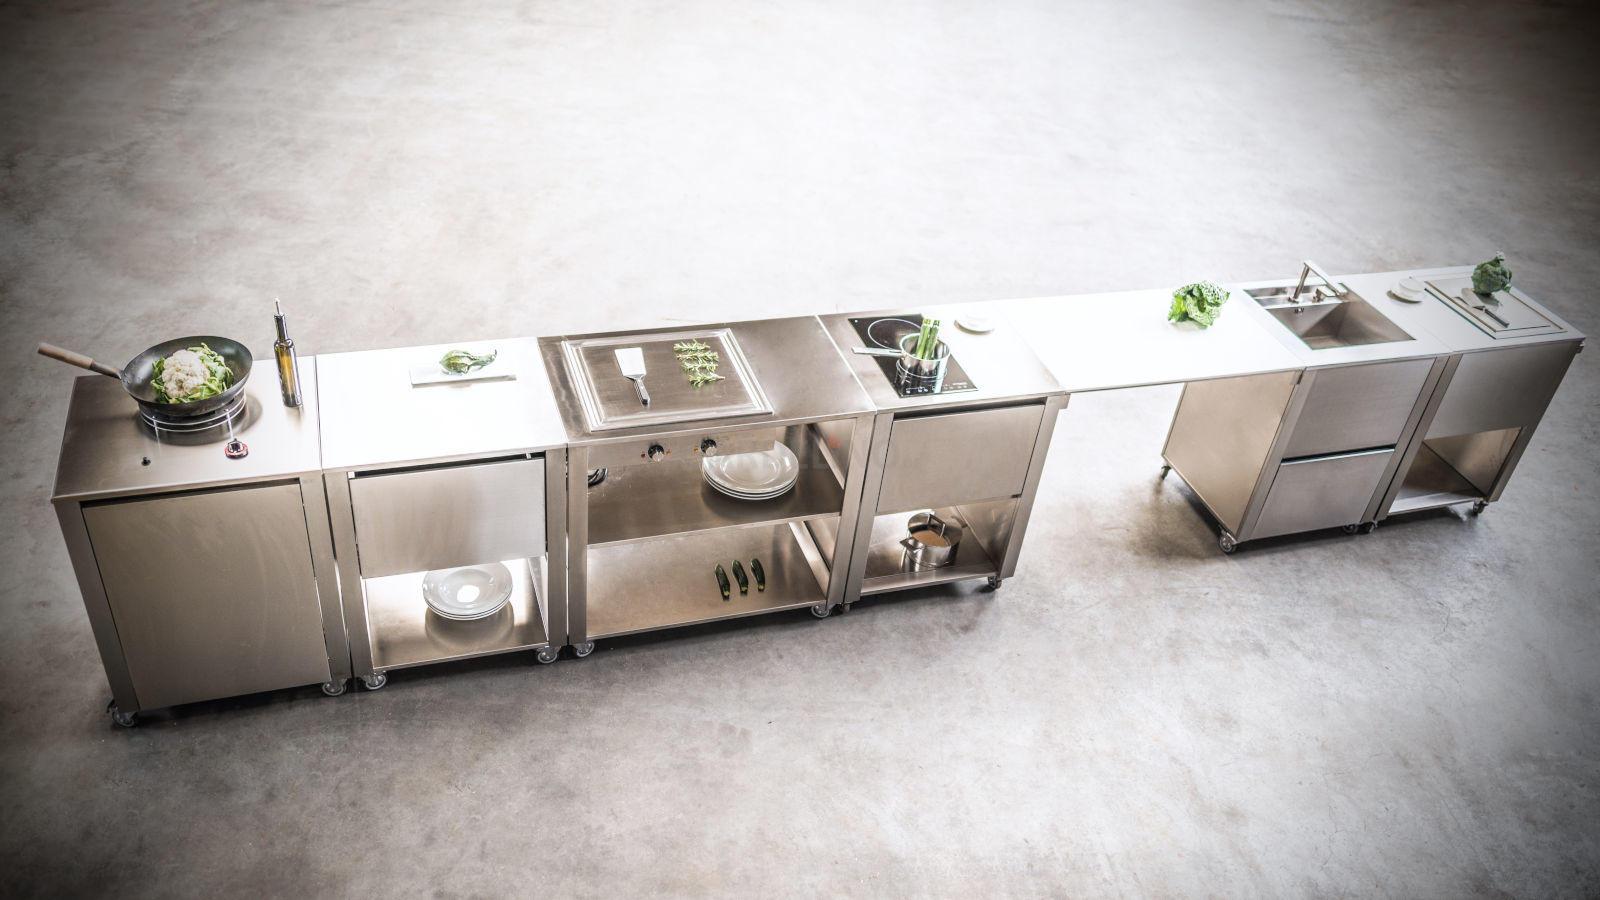 Full Size of Mobile Outdoorküche Outdoorkchen Fr Garten Und Terrasse Küche Wohnzimmer Mobile Outdoorküche